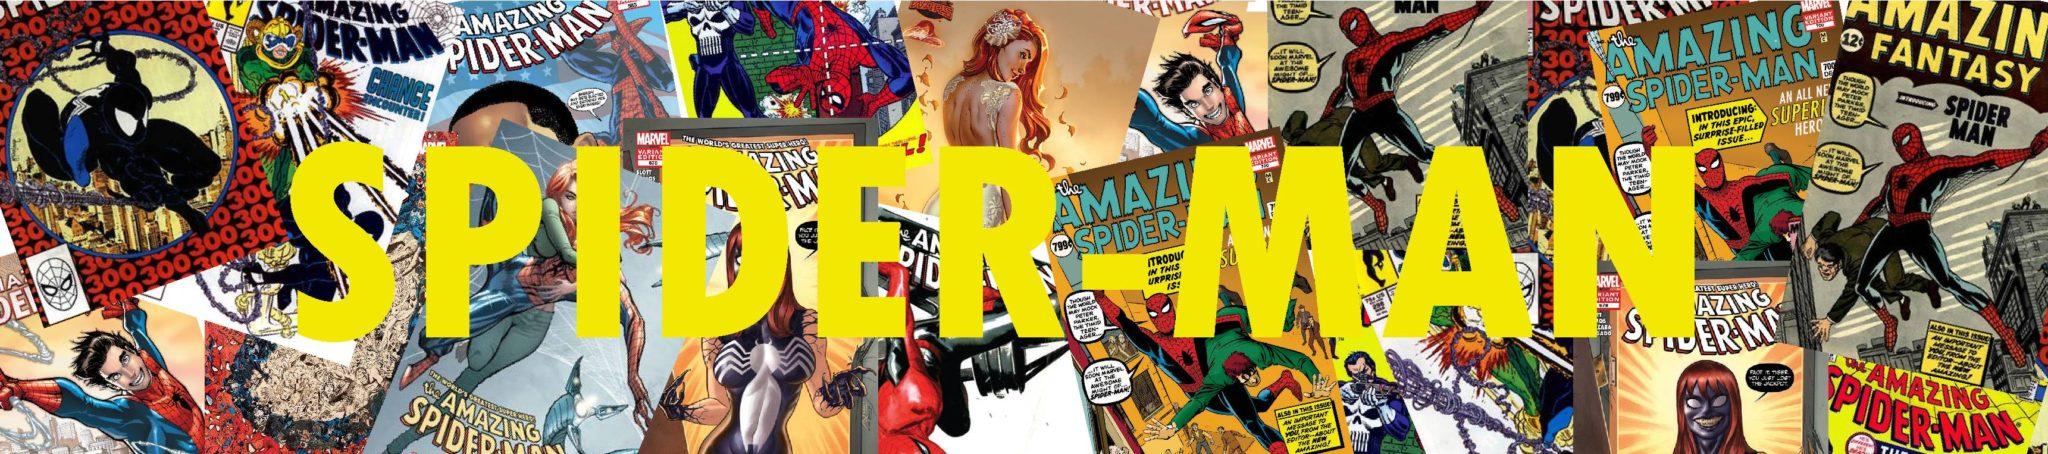 John Persons Comics For Sale - Best selling comics